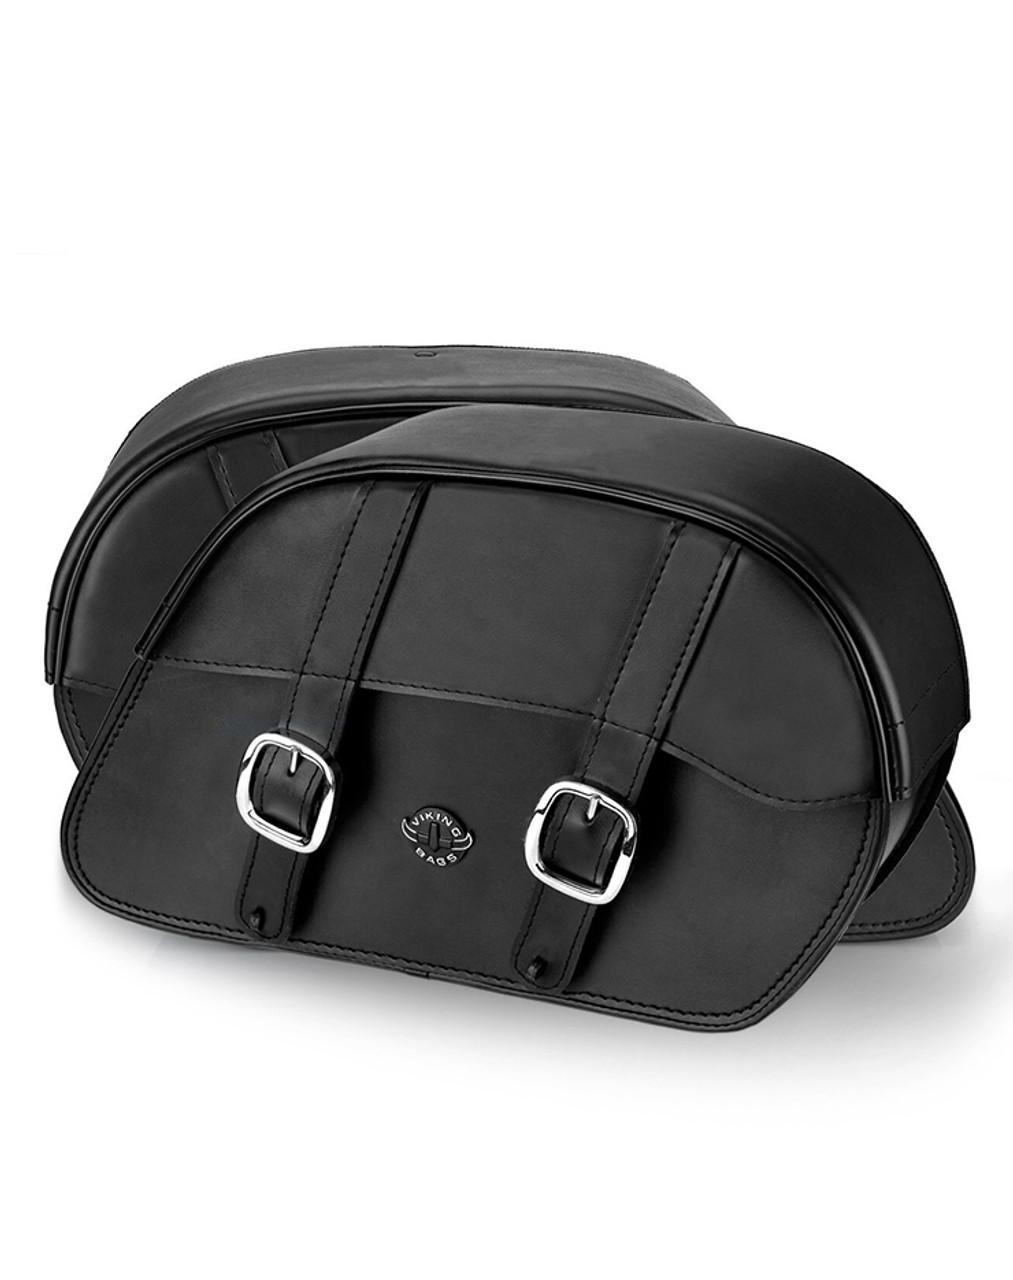 Yamaha Silverado Slanted Medium Motorcycle Saddlebags Both Bags View